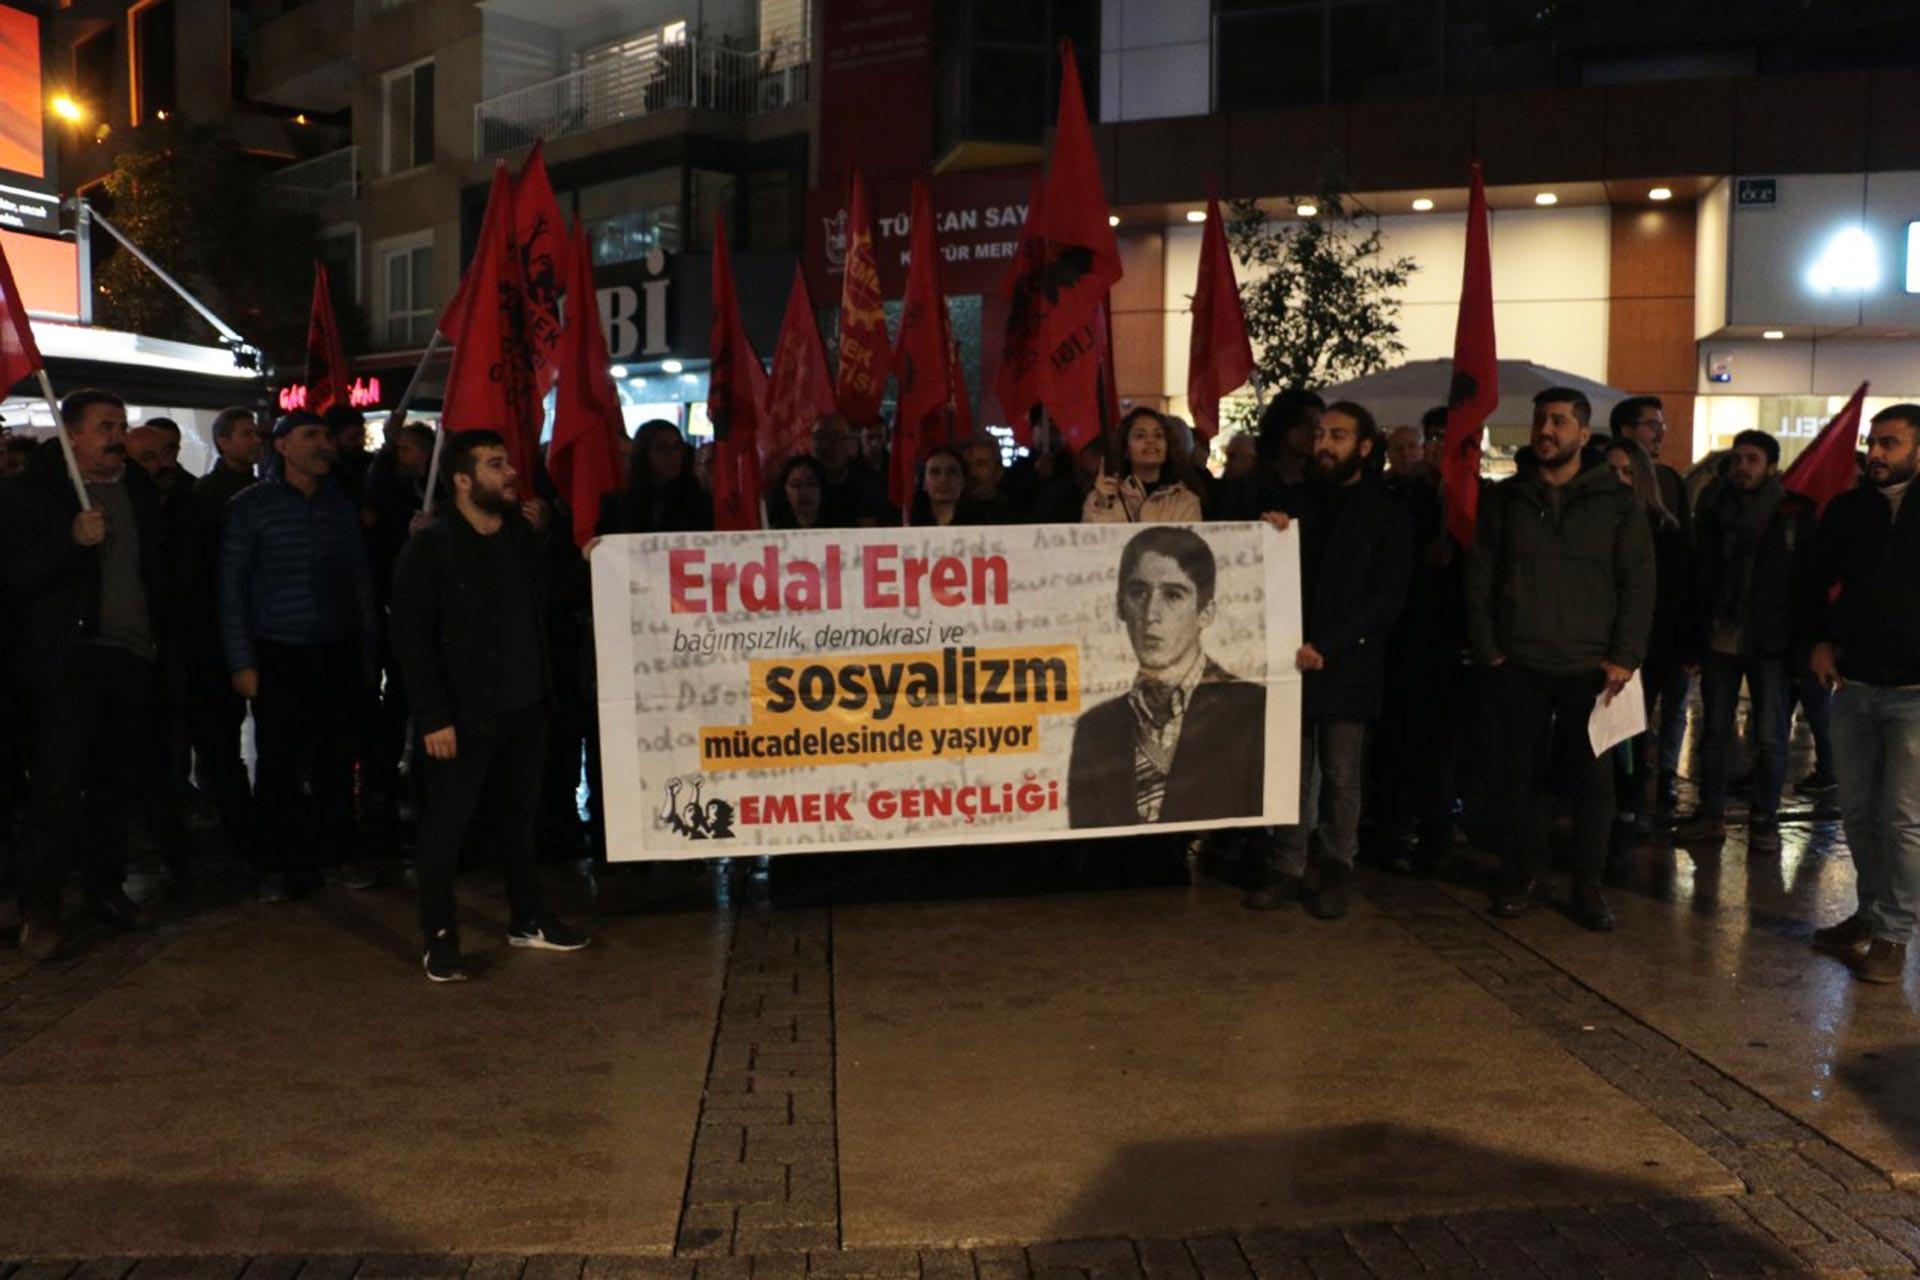 İzmir'de yapılan Erdal Eren anmasında Emek Gençliği üyesi gençler 'Erdal Eren demokrasi ve sosyalizm mücadelesinde yaşıyor' pankartı ile yürürken